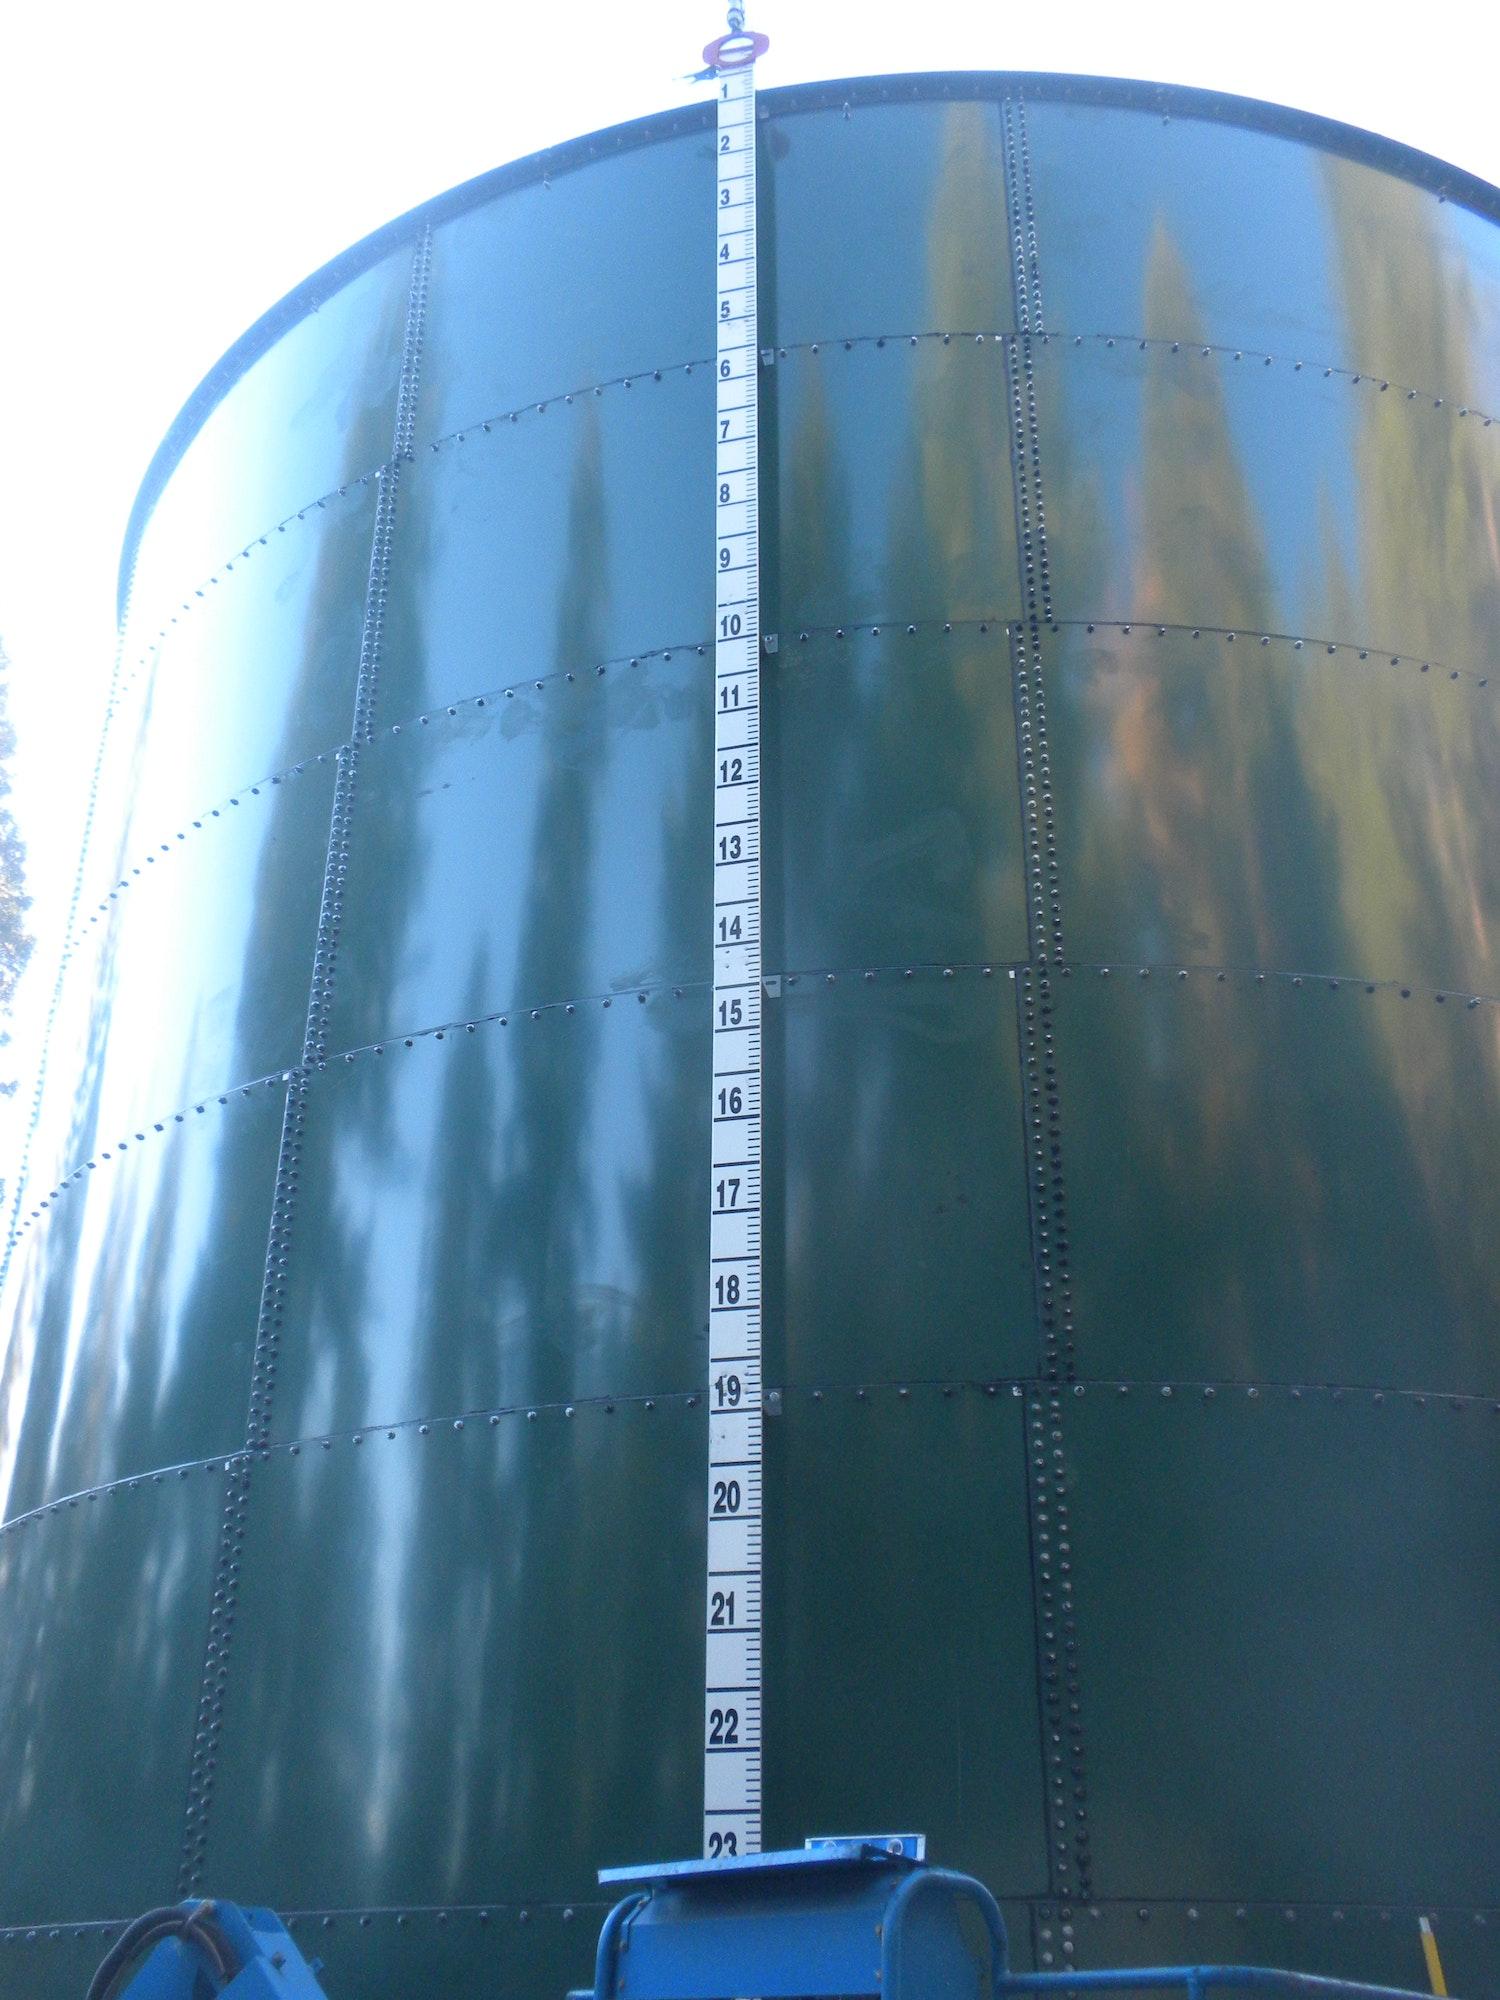 Nov. 7, 2018 tank level gauge installed